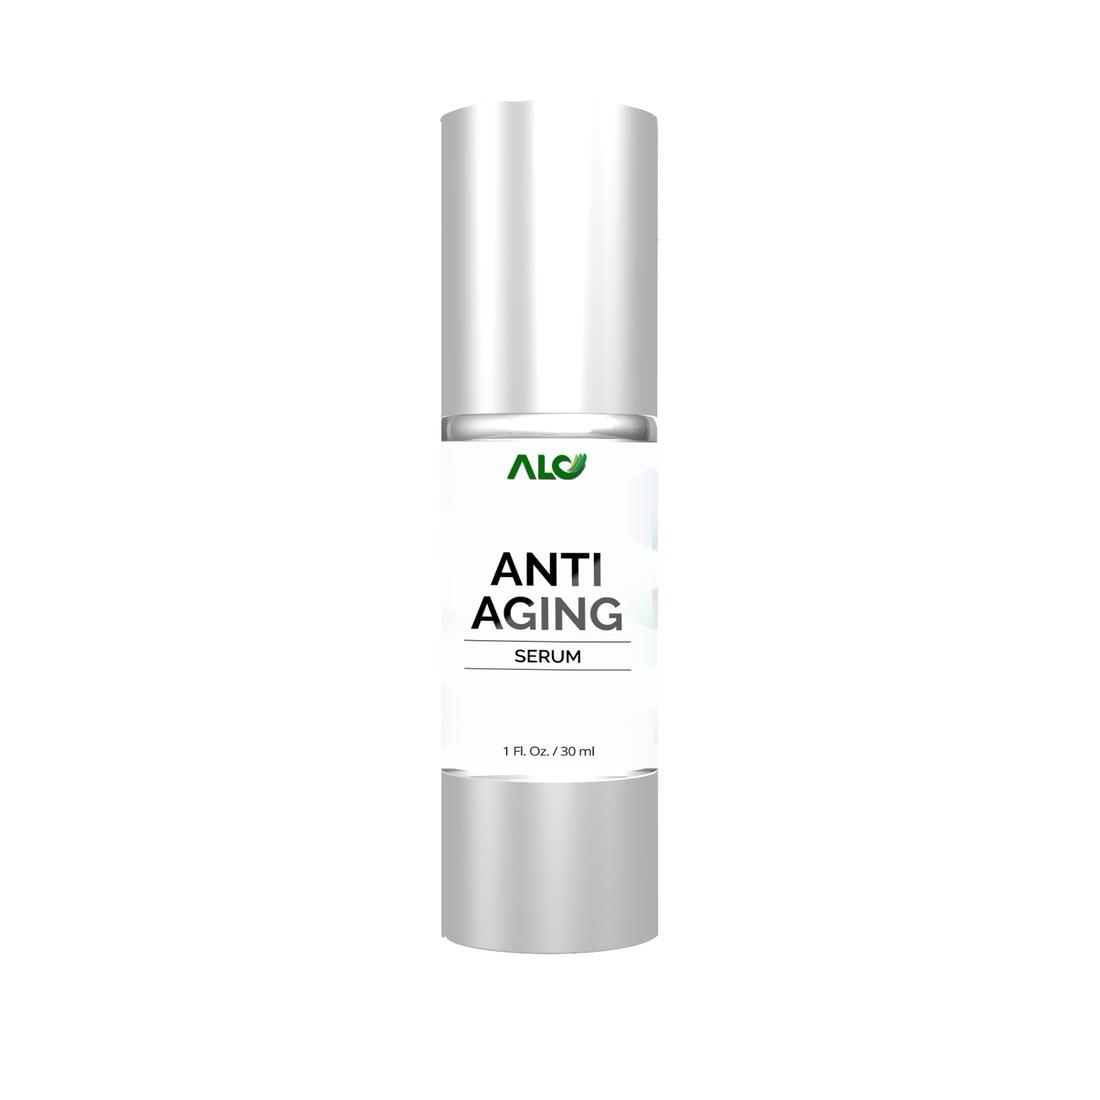 ALC Anti Aging Serum